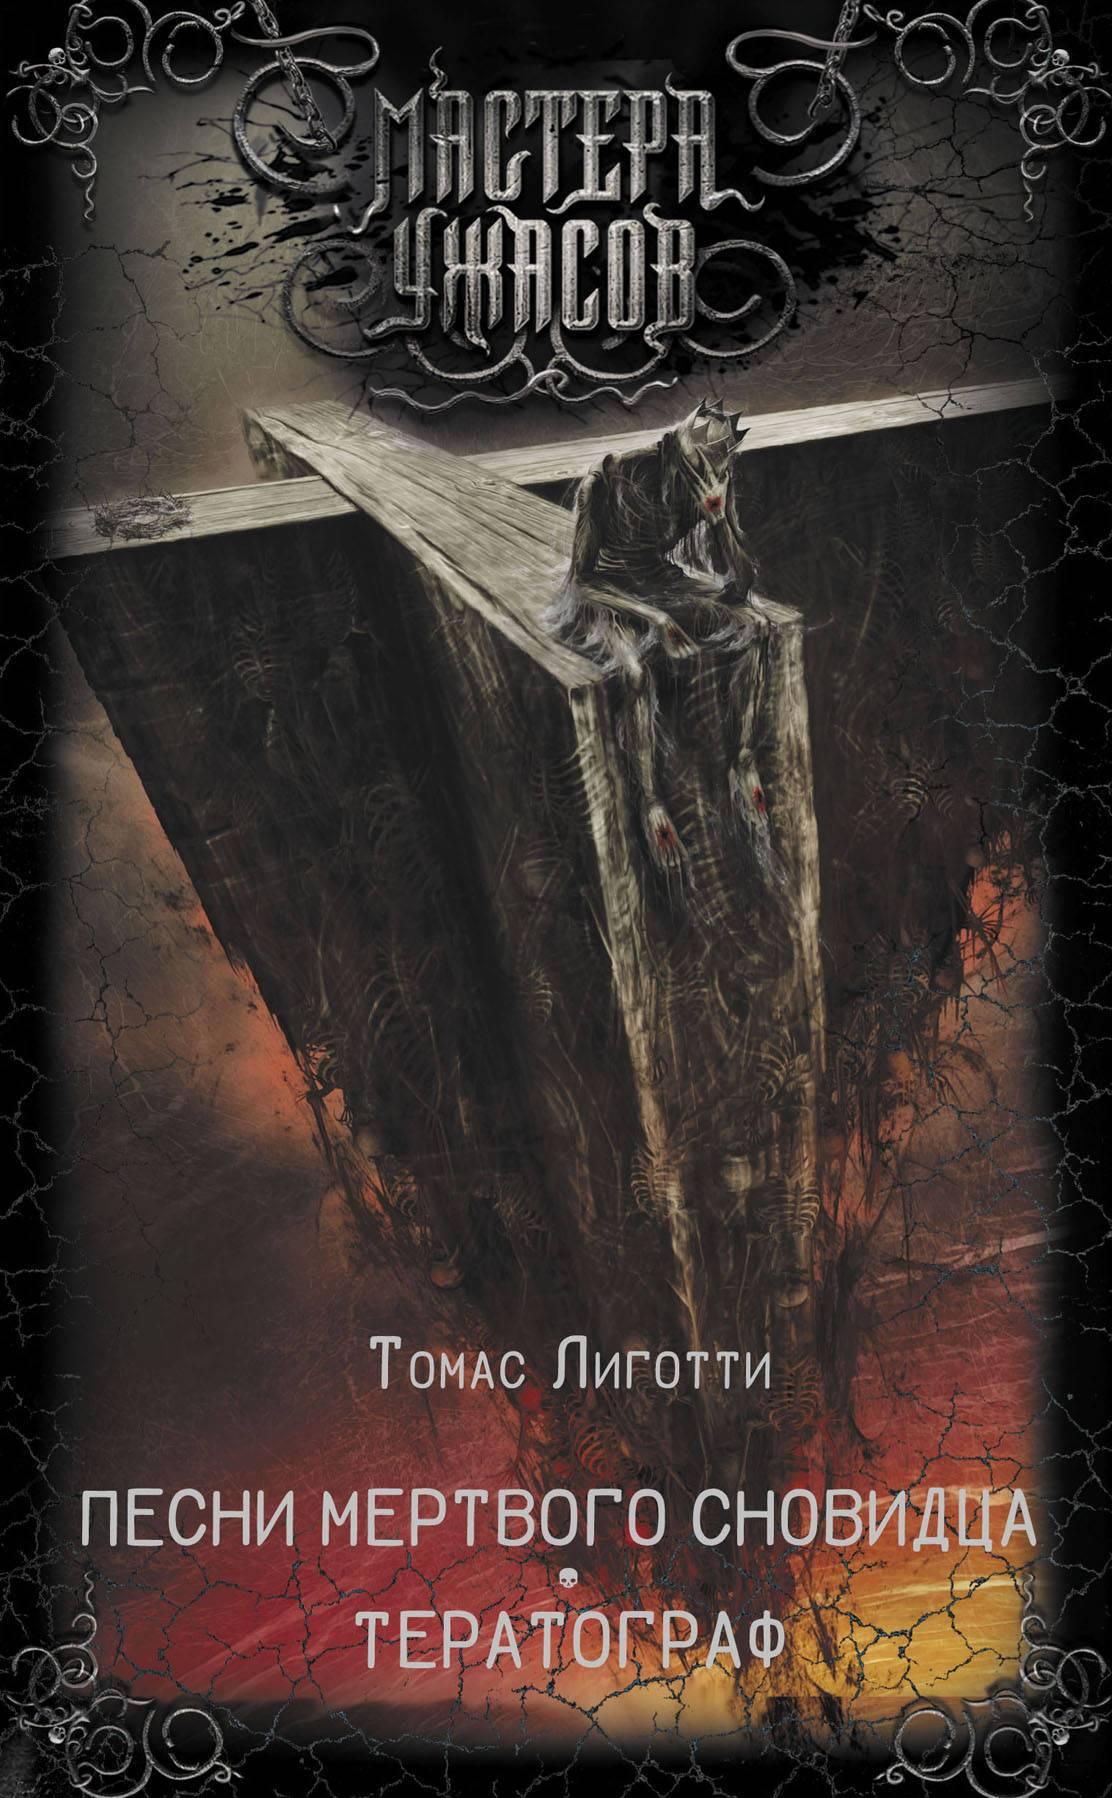 Томас Лиготти «Песни мертвого сновидца. Тератограф» 1